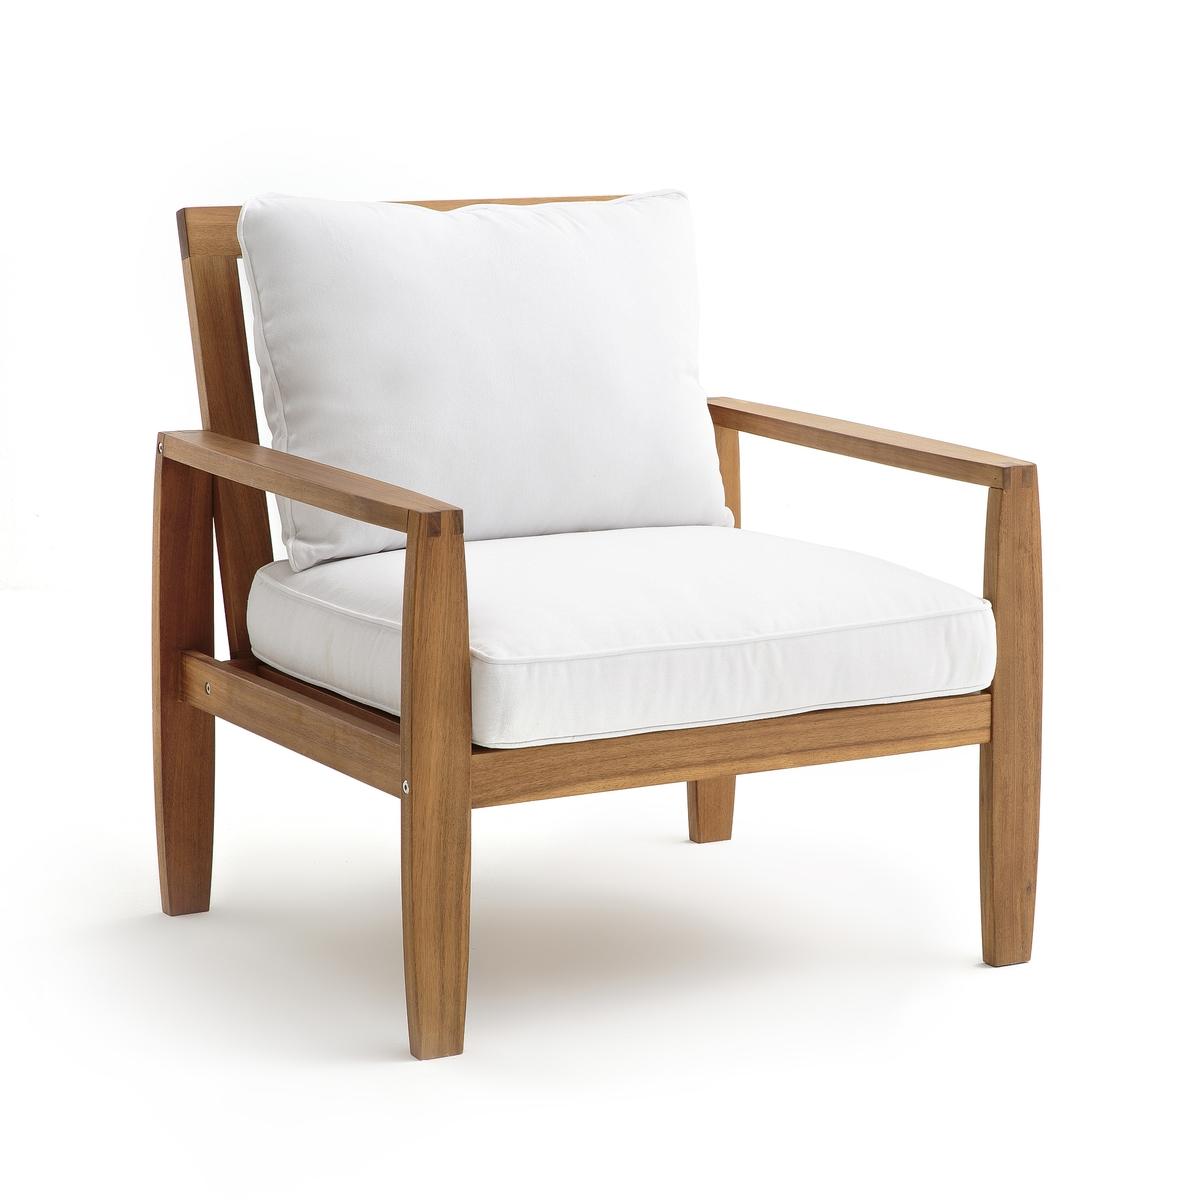 Кресло для сада из акации, Artimon щепорез для сада